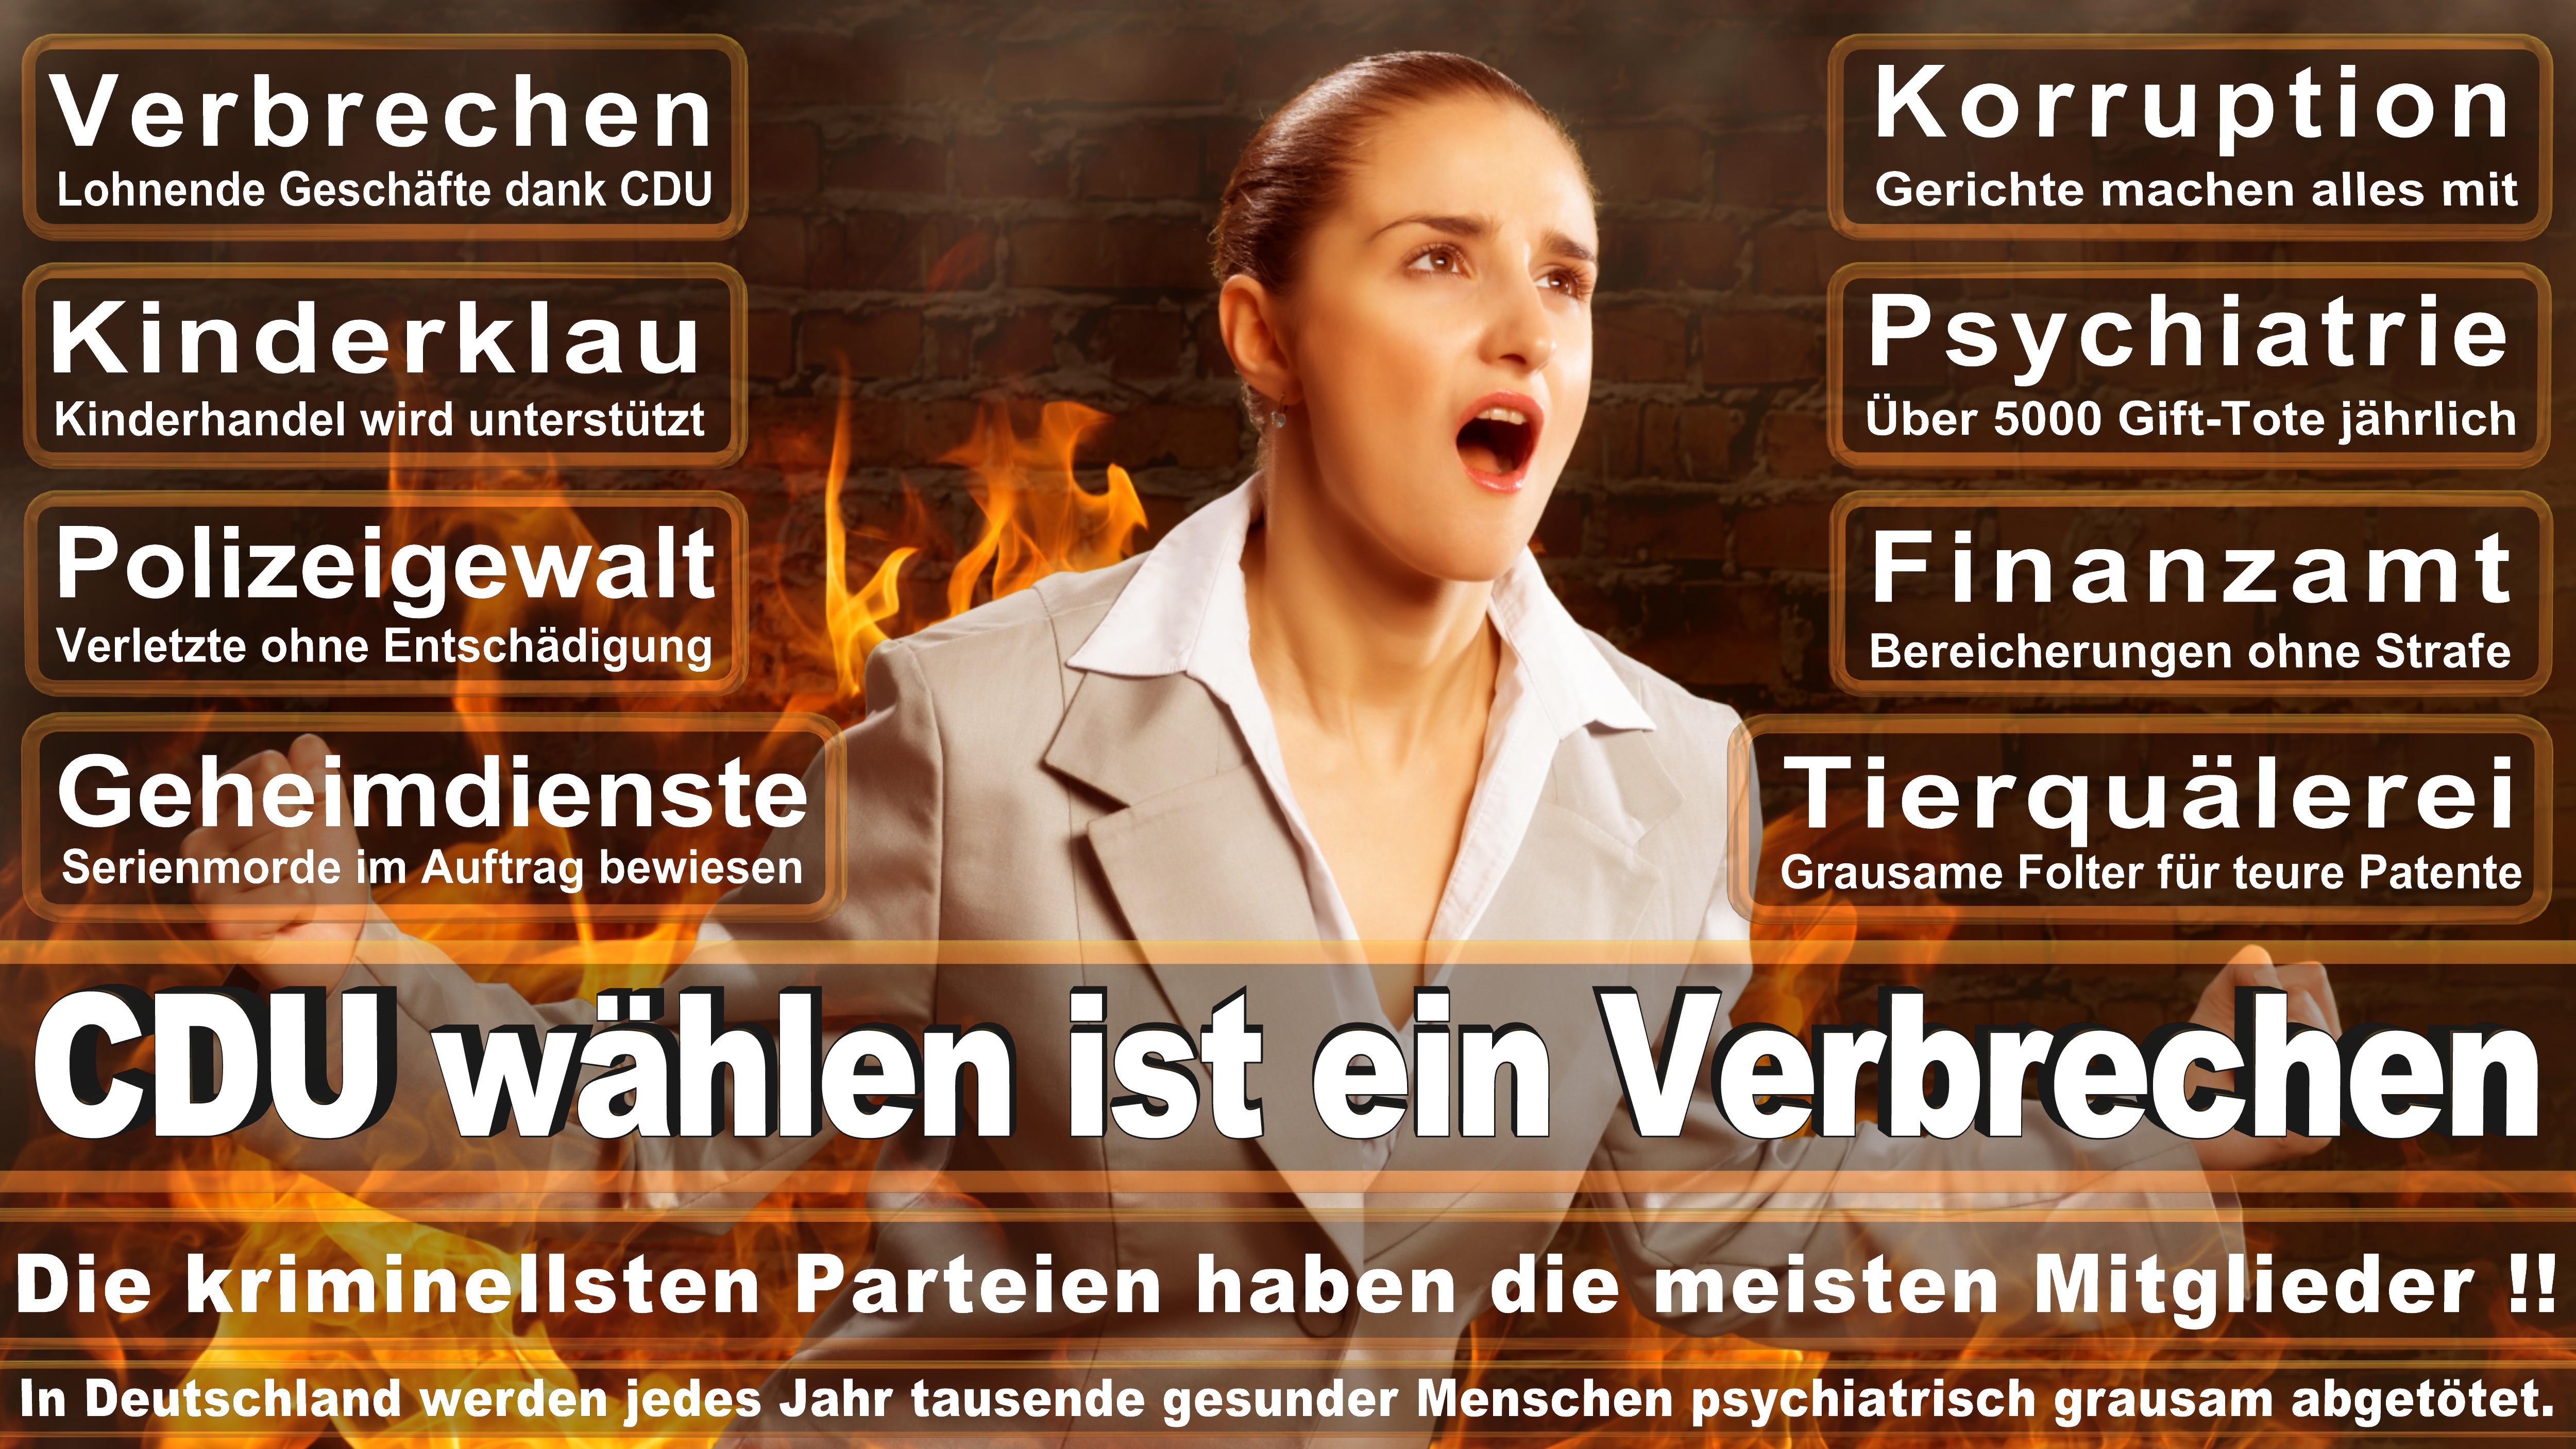 Michael Leutert DIE LINKE Sachsen Politiker Deutschland